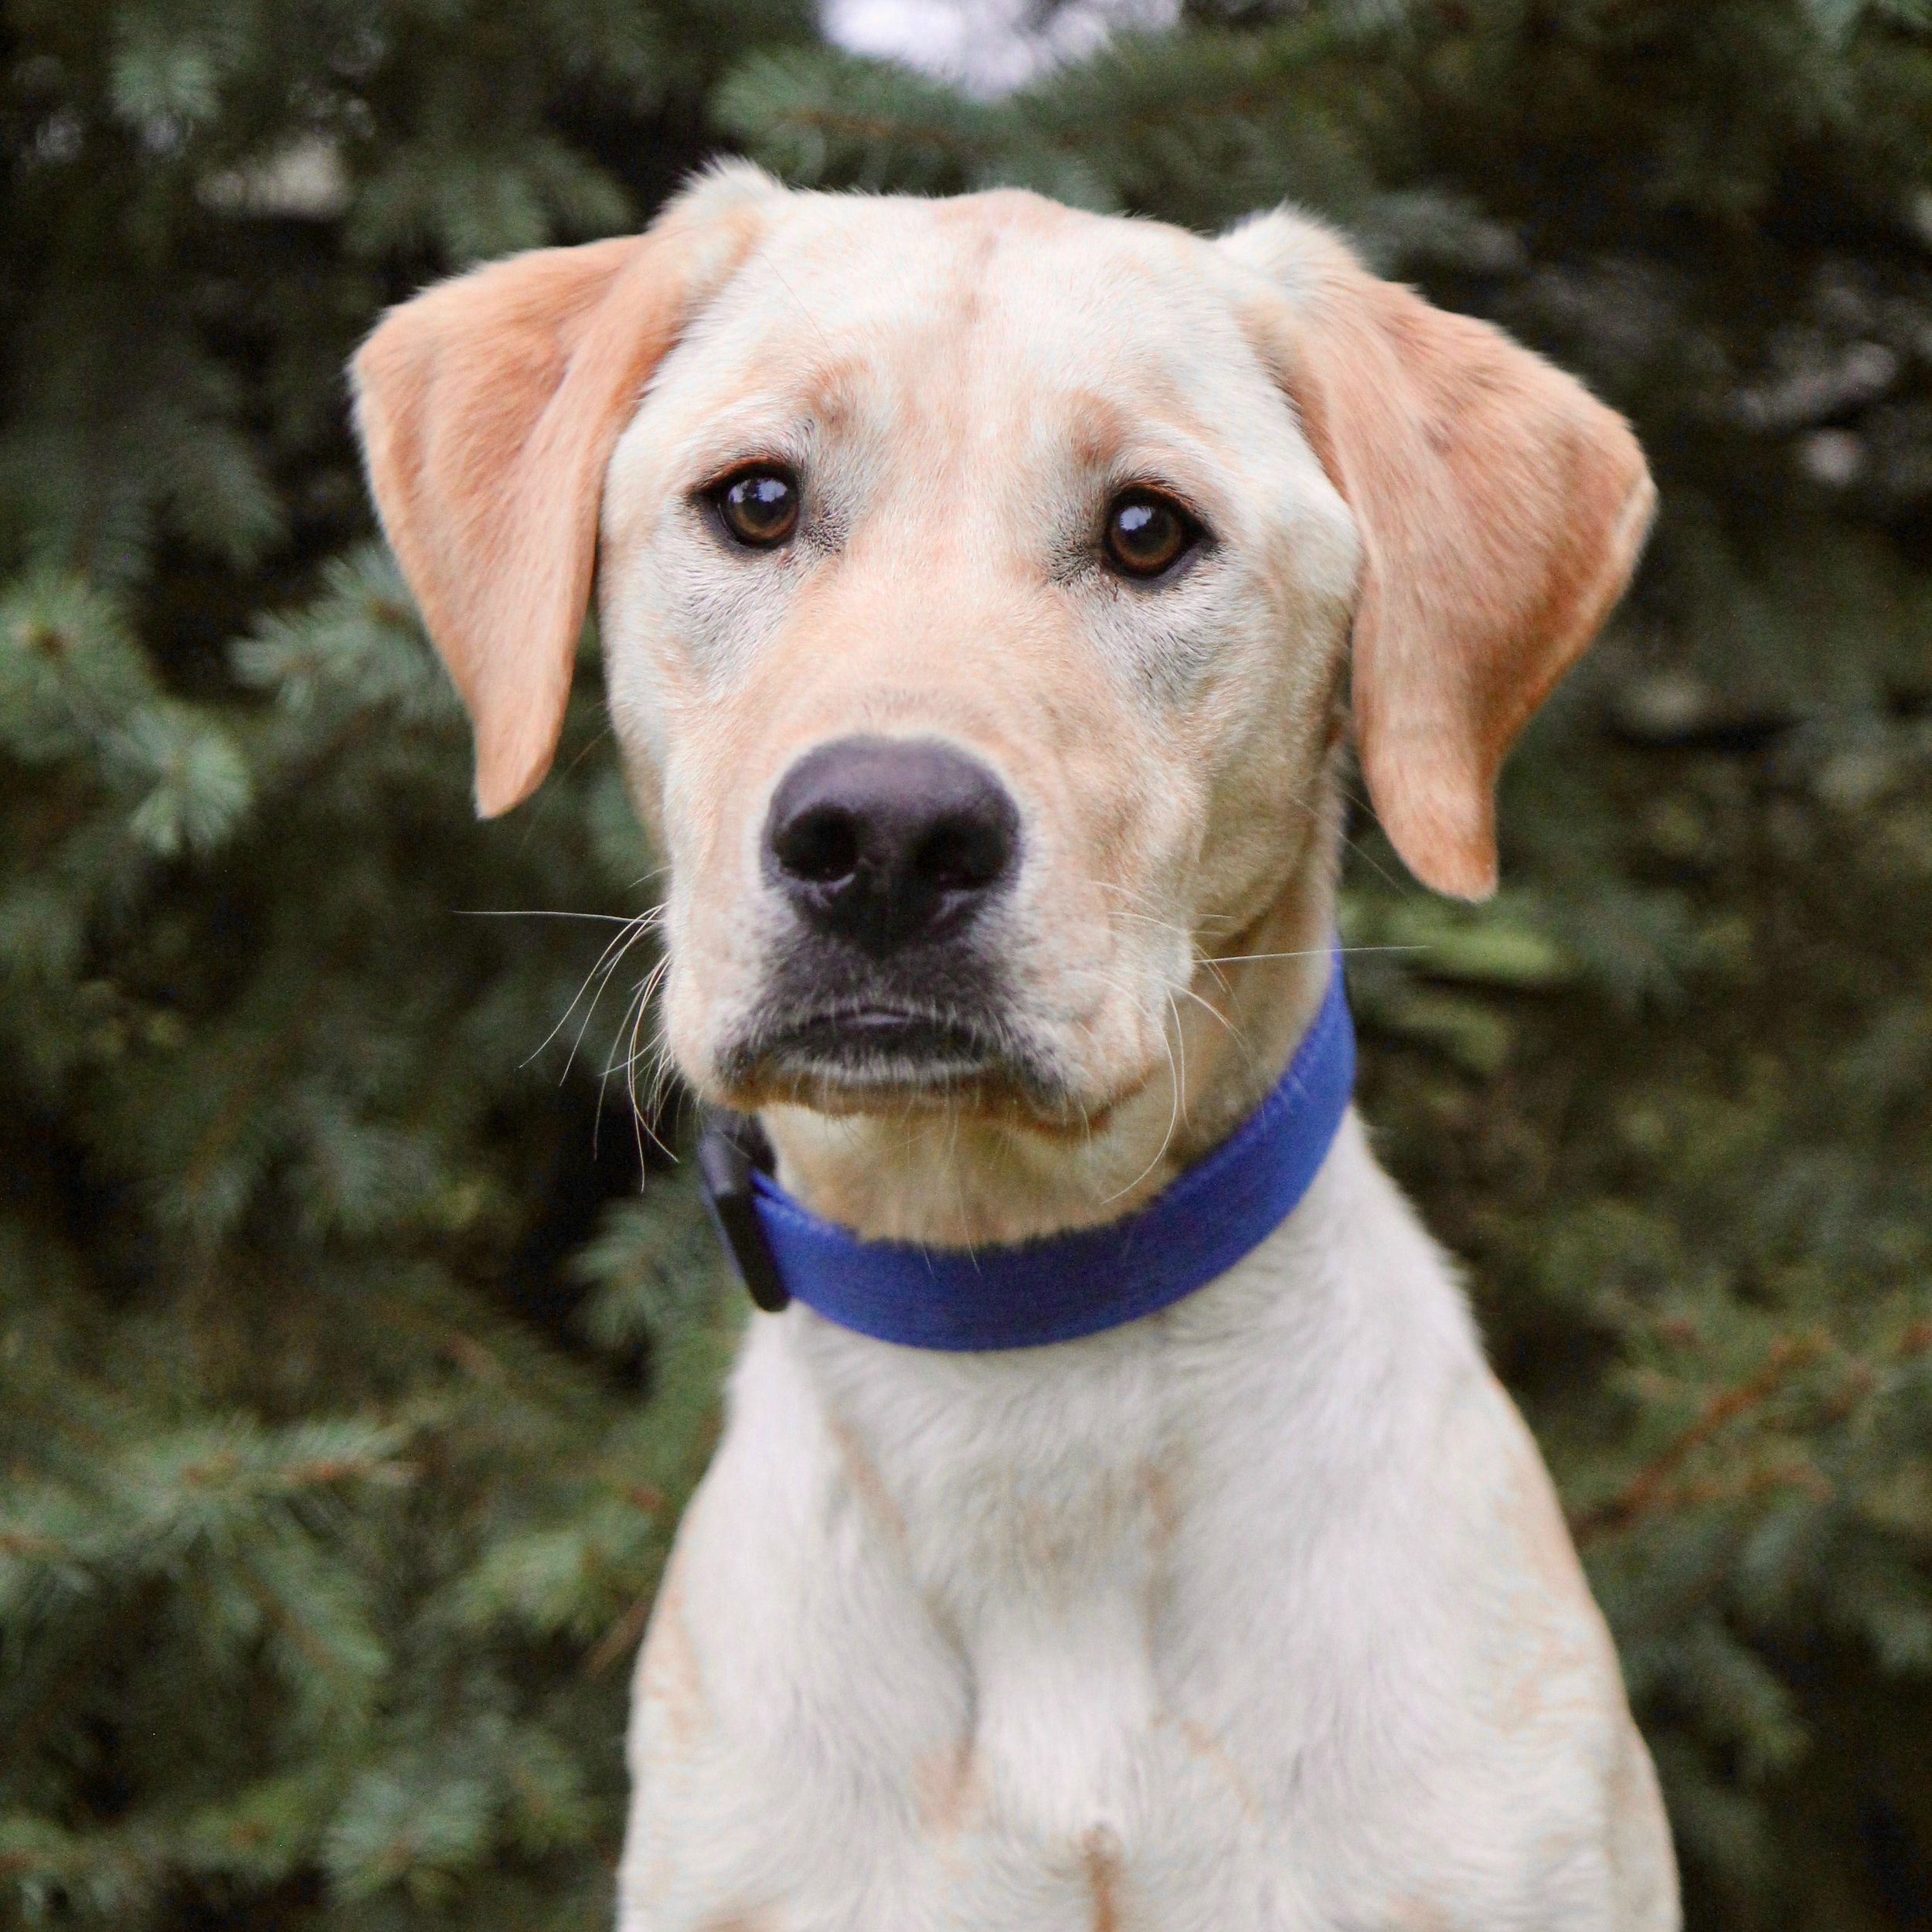 Owen the Labrador Retriever